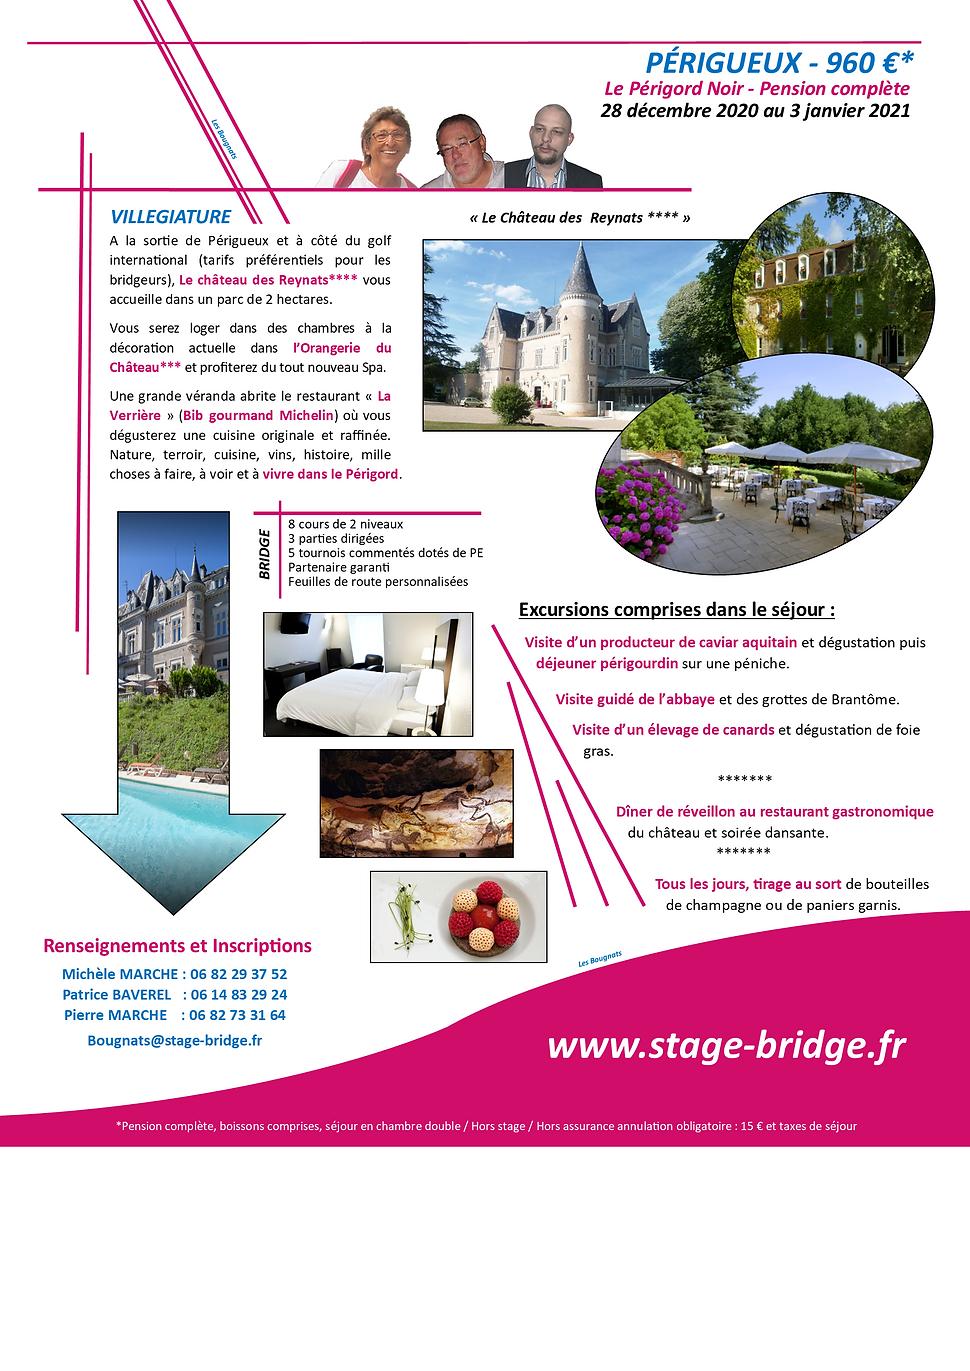 11_-_Périgueux.png